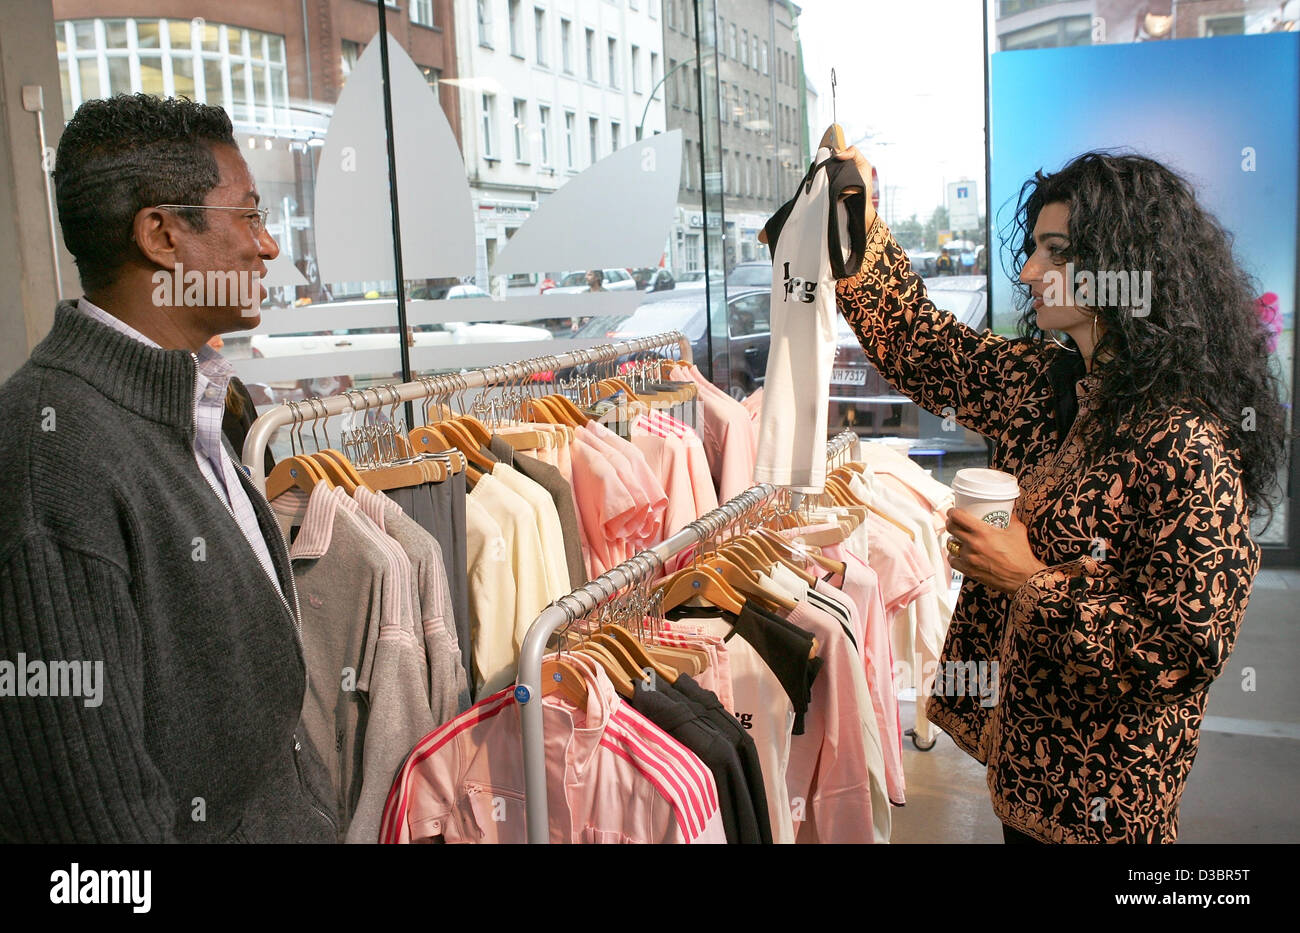 Jermaine Jackson und seiner Freundin im Adidas Store in Berlin, Donnerstag, 21. Juli 2005 Halima einkaufen. Der Stockfoto